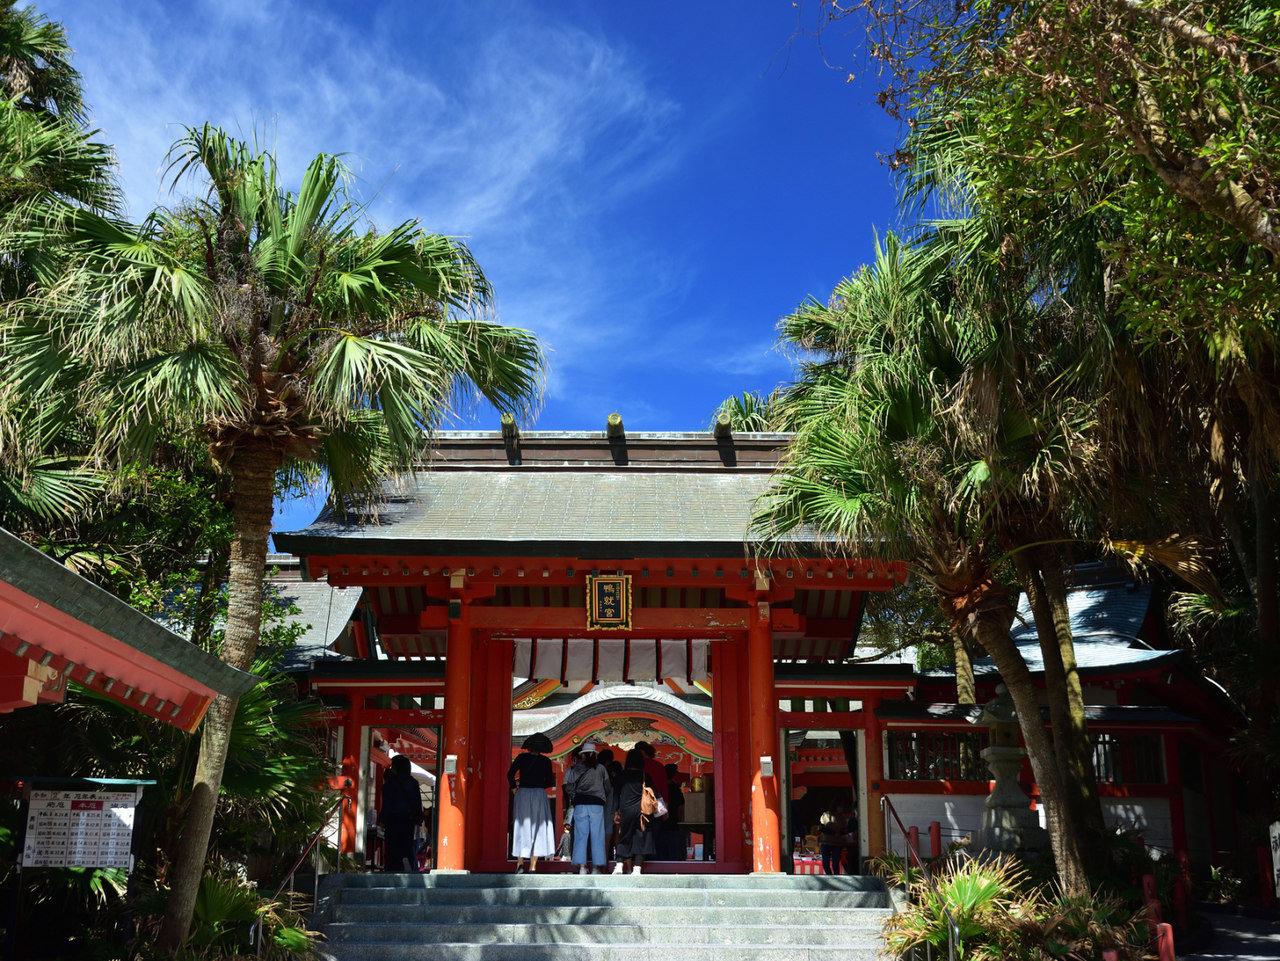 宮崎県青島神社にオンライン初詣しよう!ソラシドエアが神社と共同で「遙拝証」発行、オリジナル絵馬も